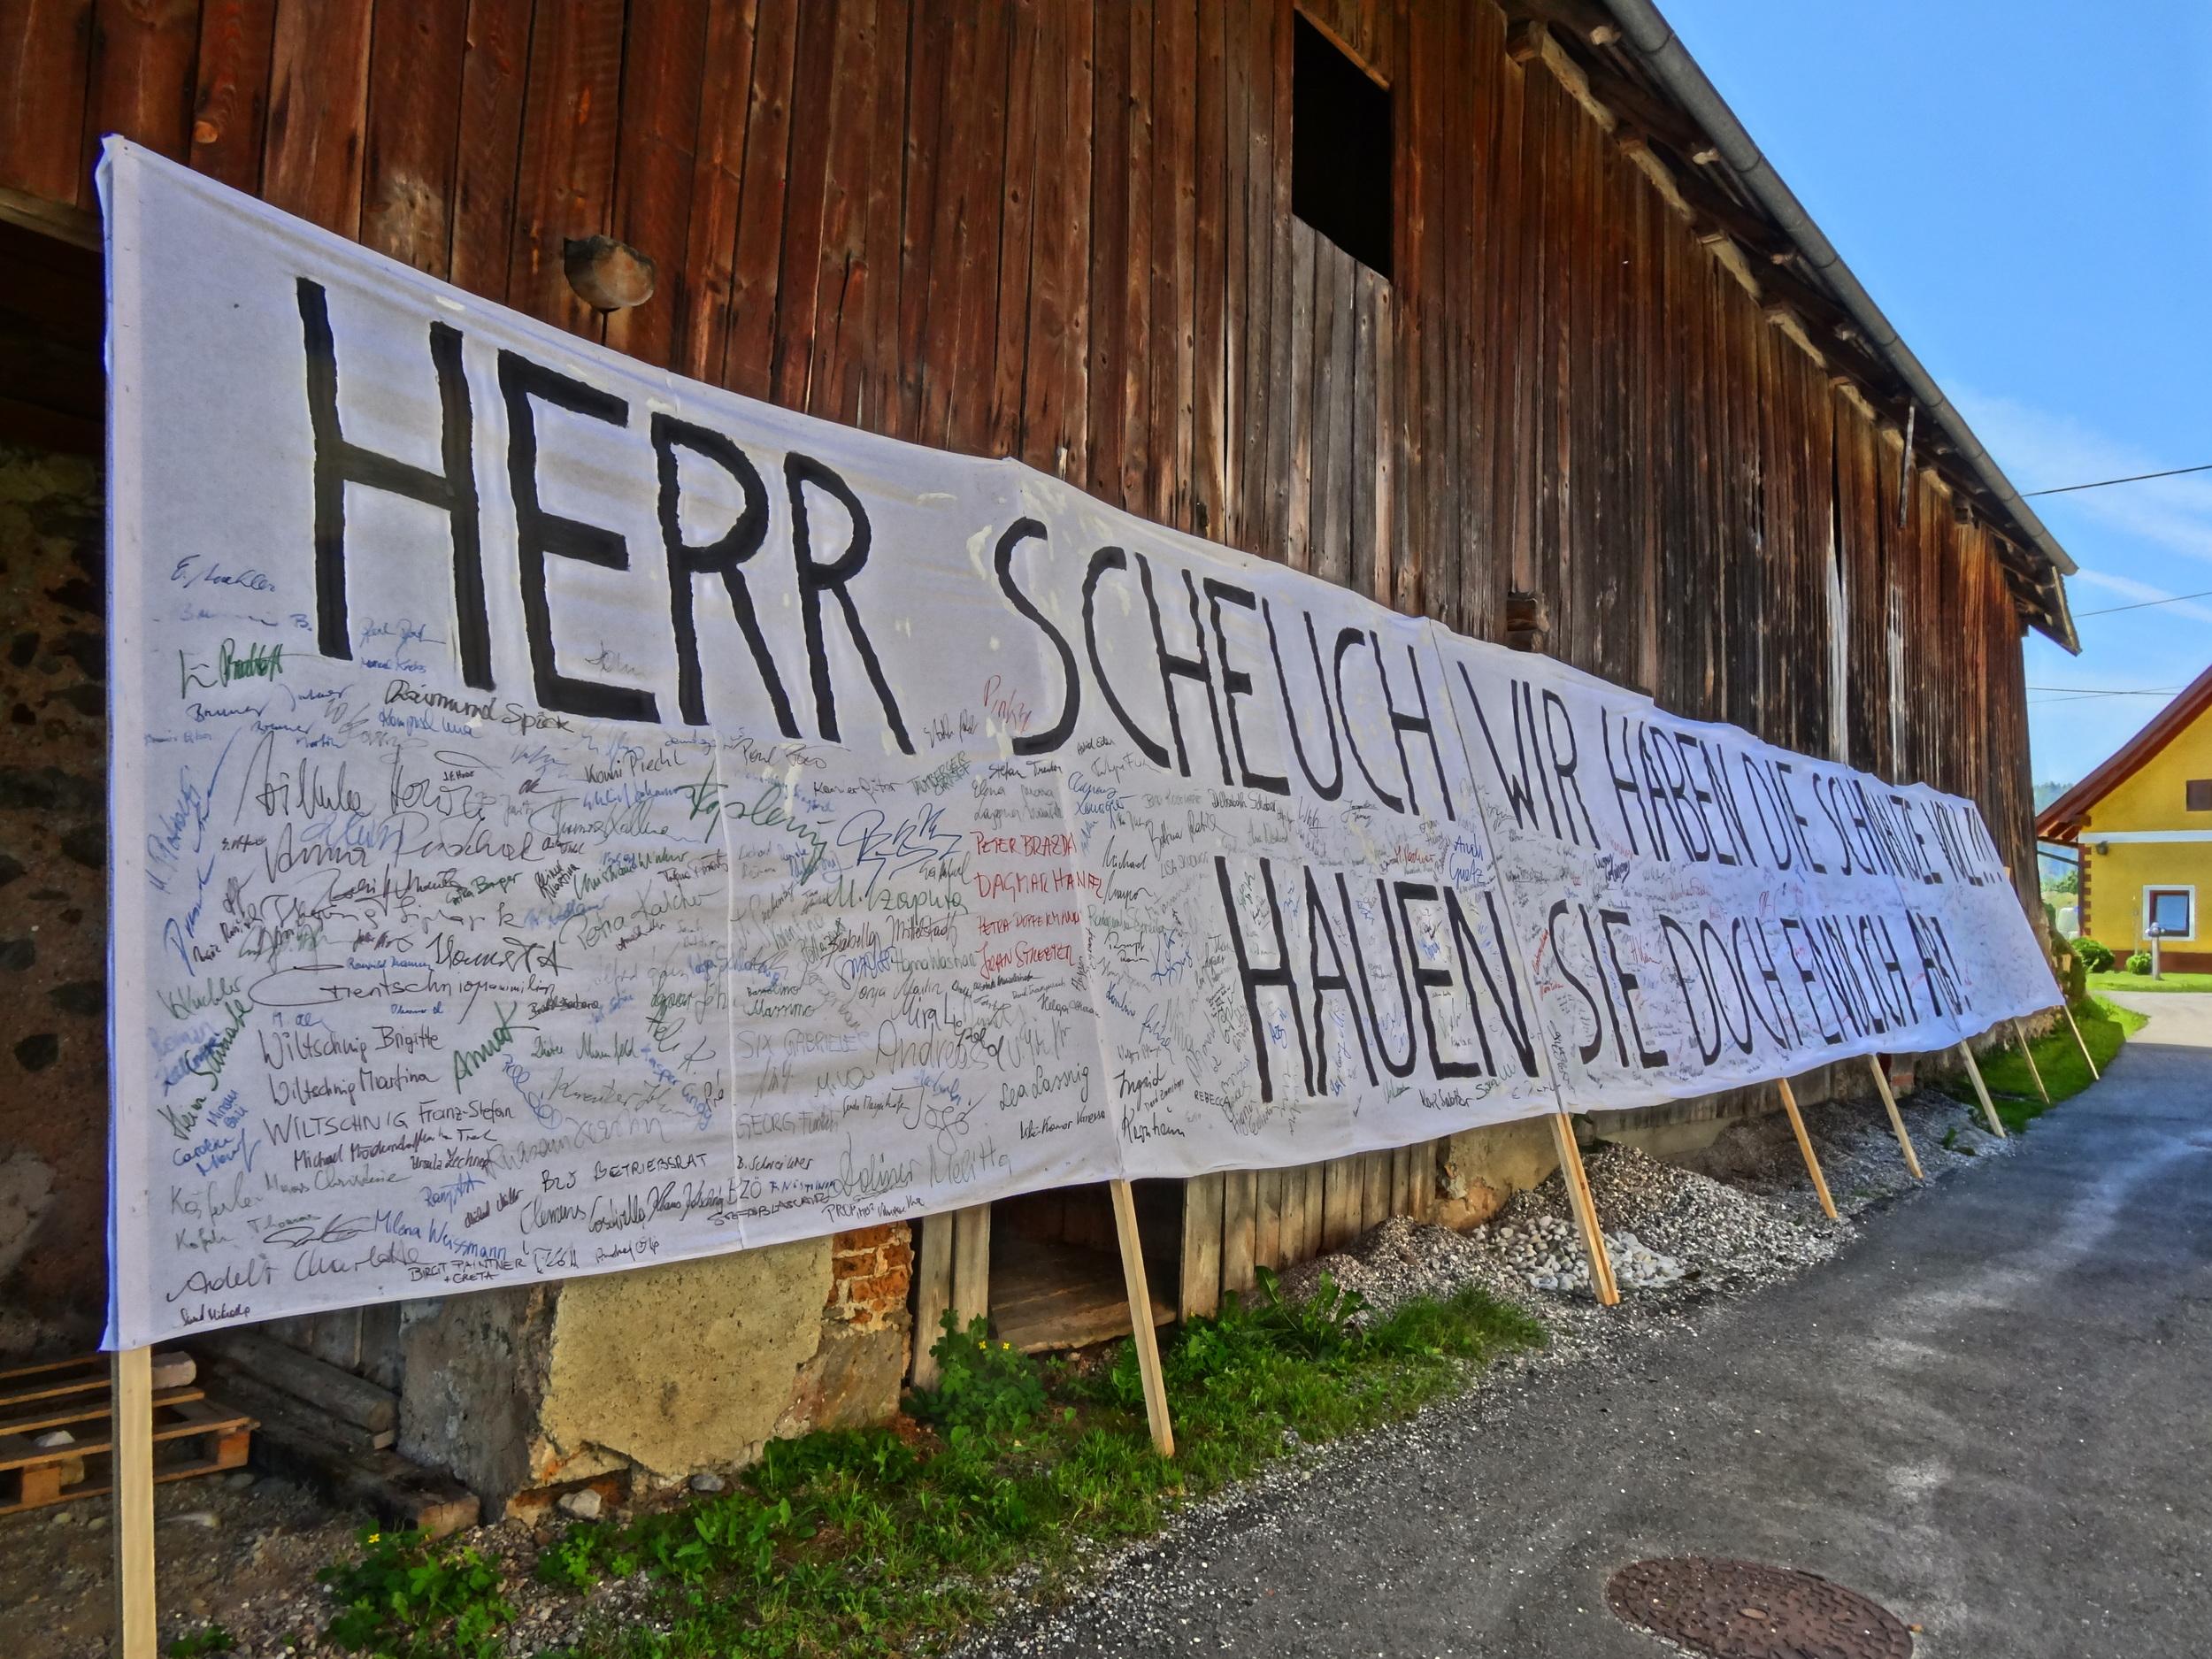 Scheuch Plakat bei Walter im Stadl.JPG